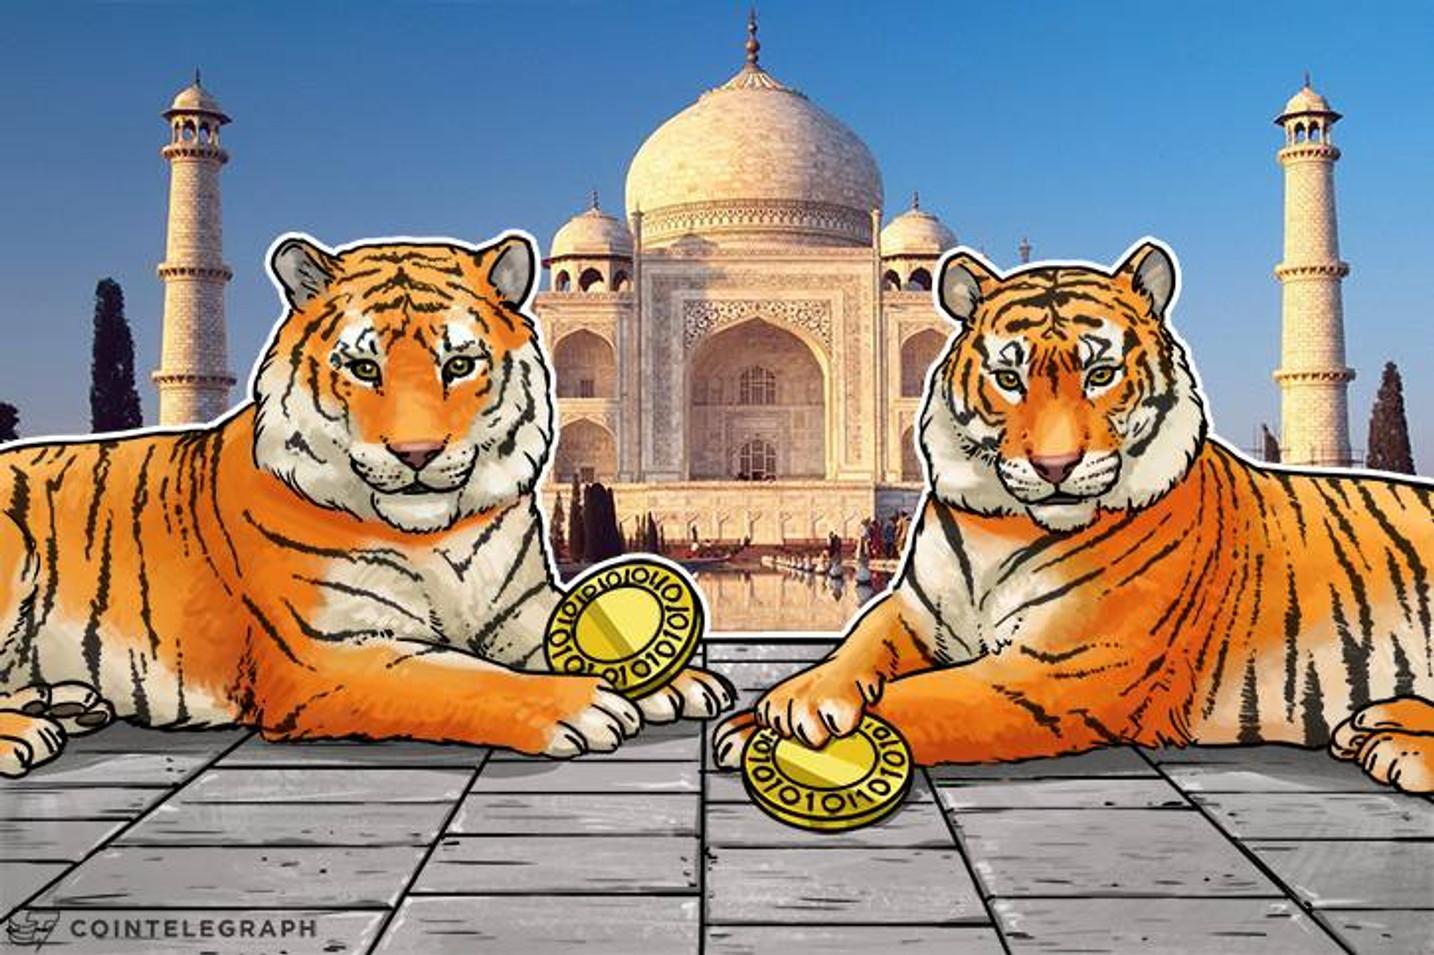 仮想通貨取引所バイナンス、インド10億人市場へ参入 | 現地同業のWazirX買収【ニュース】